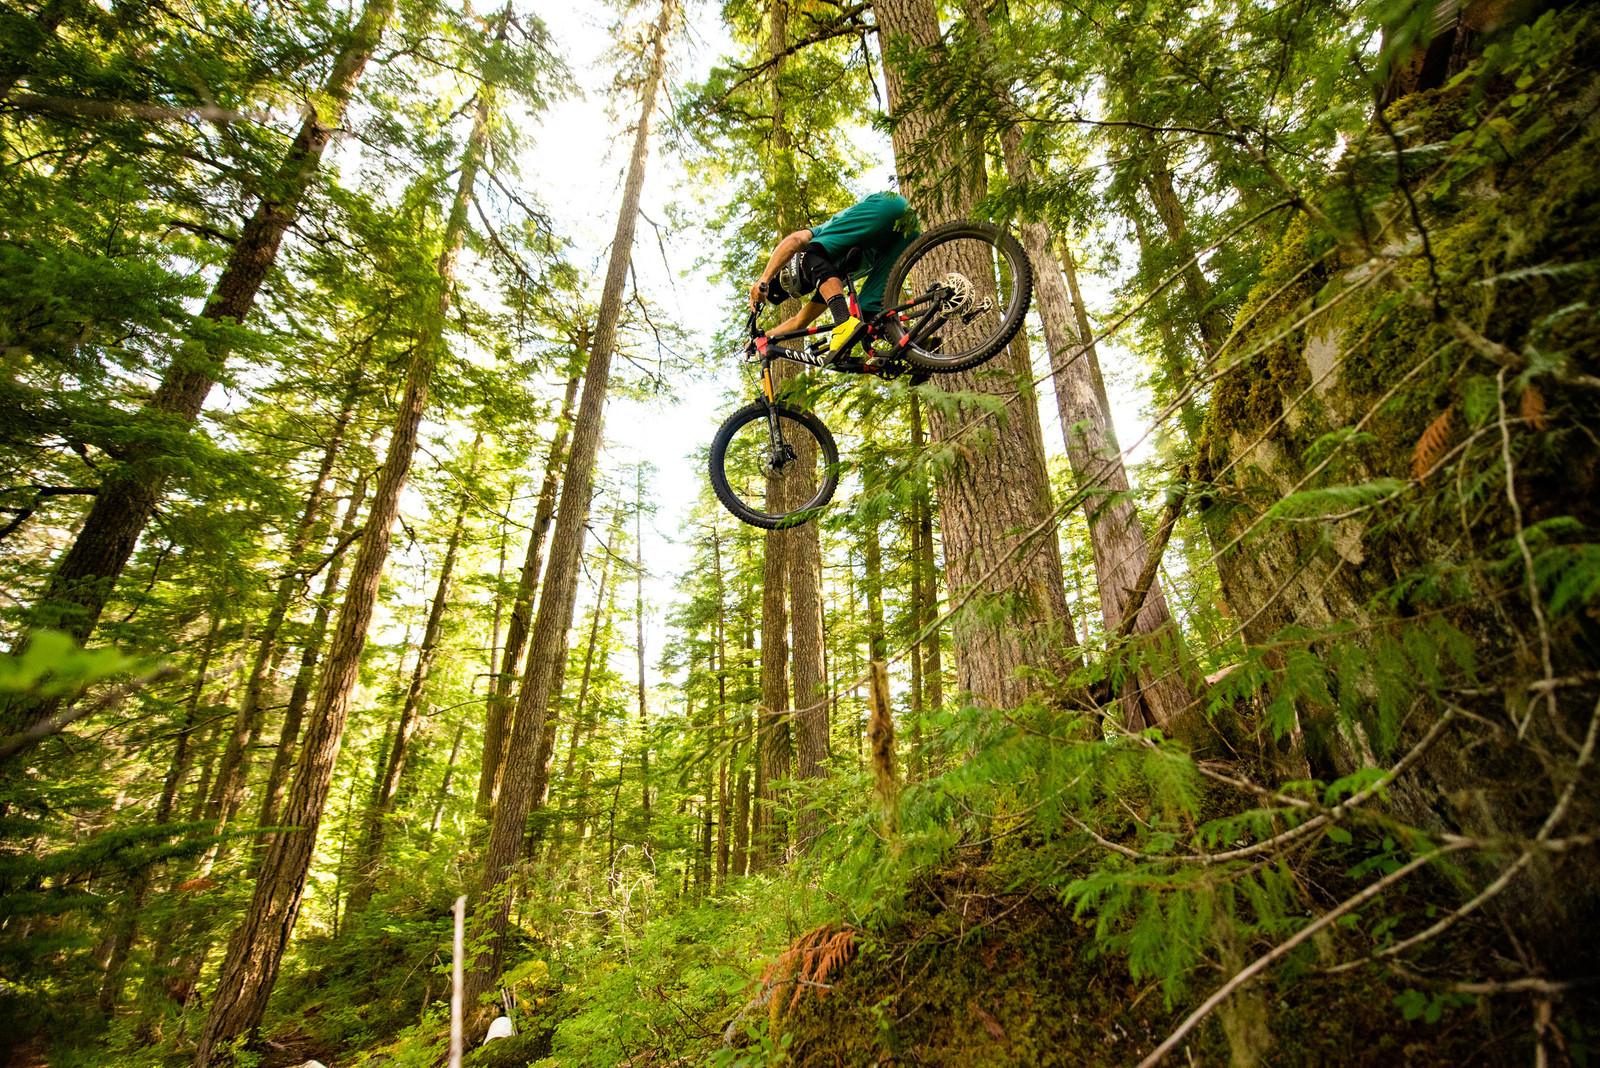 KC Deane chases Whistler dream trails. | #IRIDEENVE